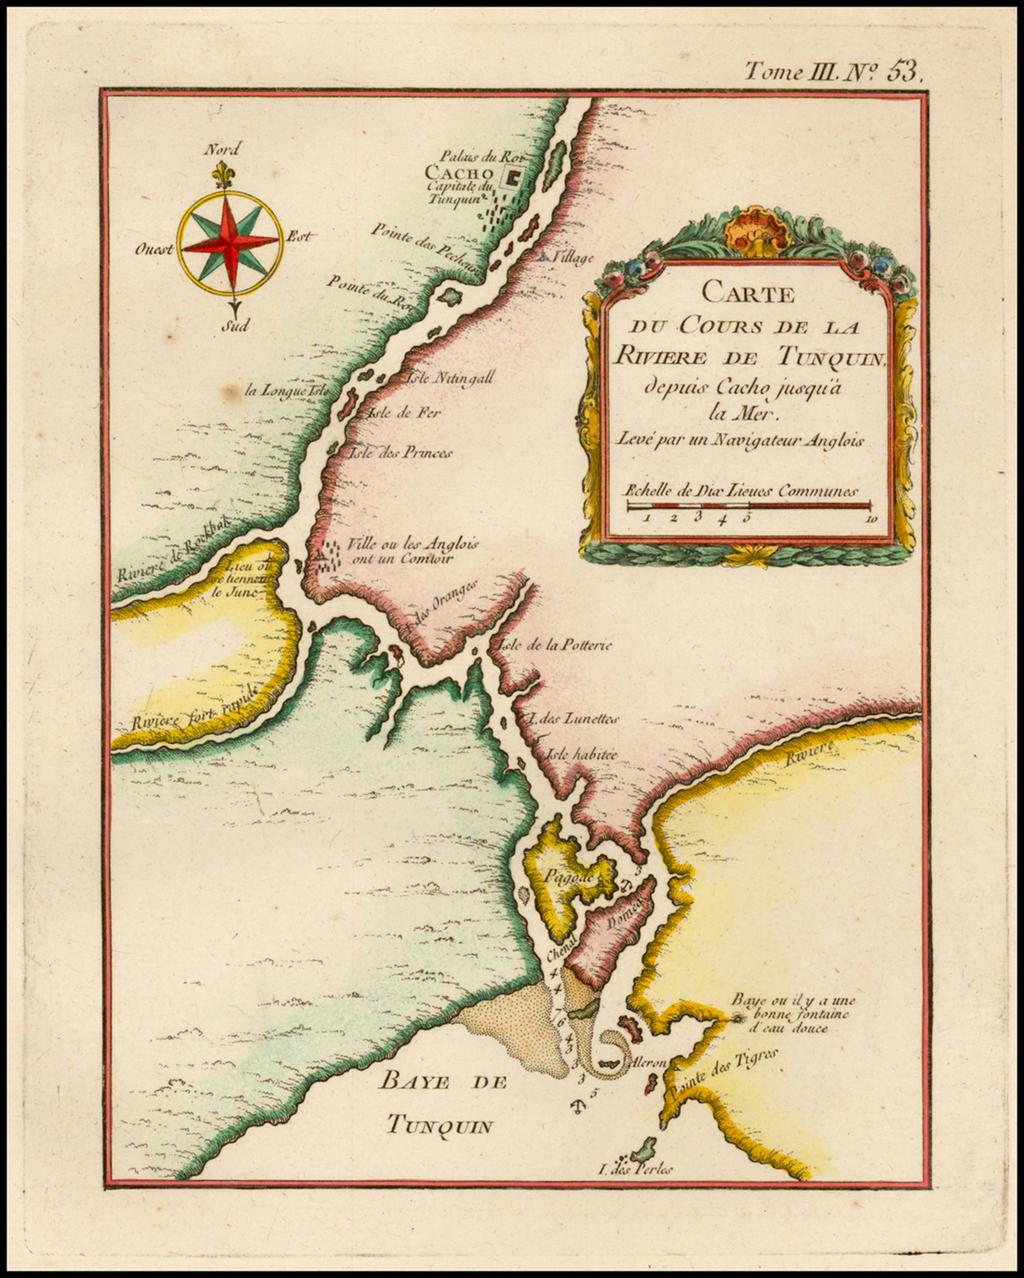 Carte Du Cours De La Rivier De Tunquin Depuis Cacho jusqu'a la Mer By Jacques Nicolas Bellin